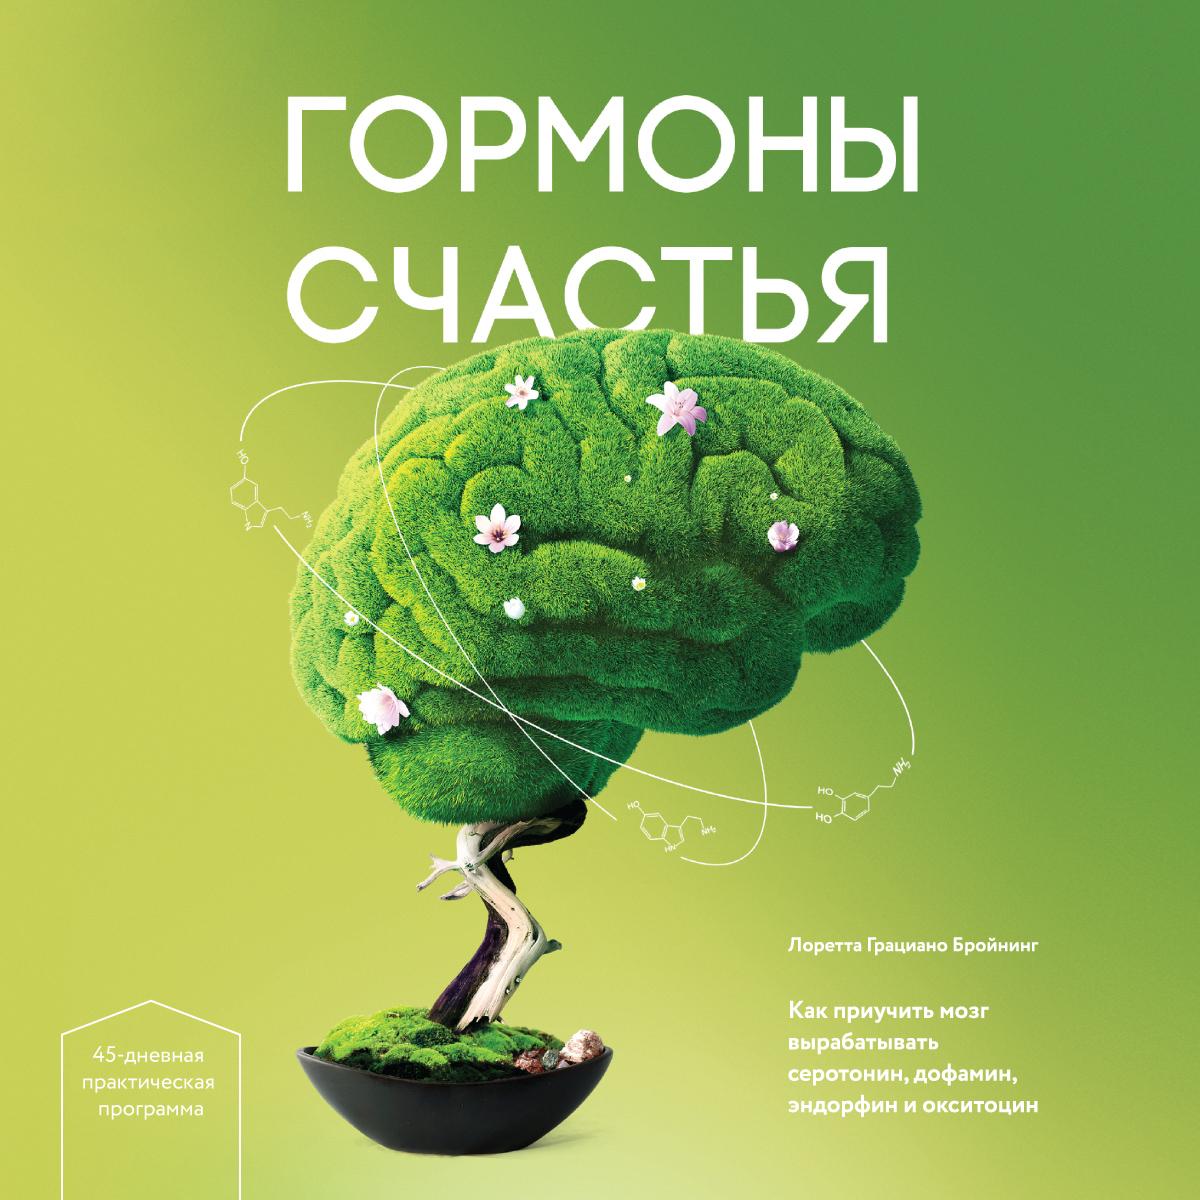 Лоретта Бройнинг Гормоны счастья. Как приучить мозг вырабатывать серотонин, дофамин, эндорфин и окситоцин